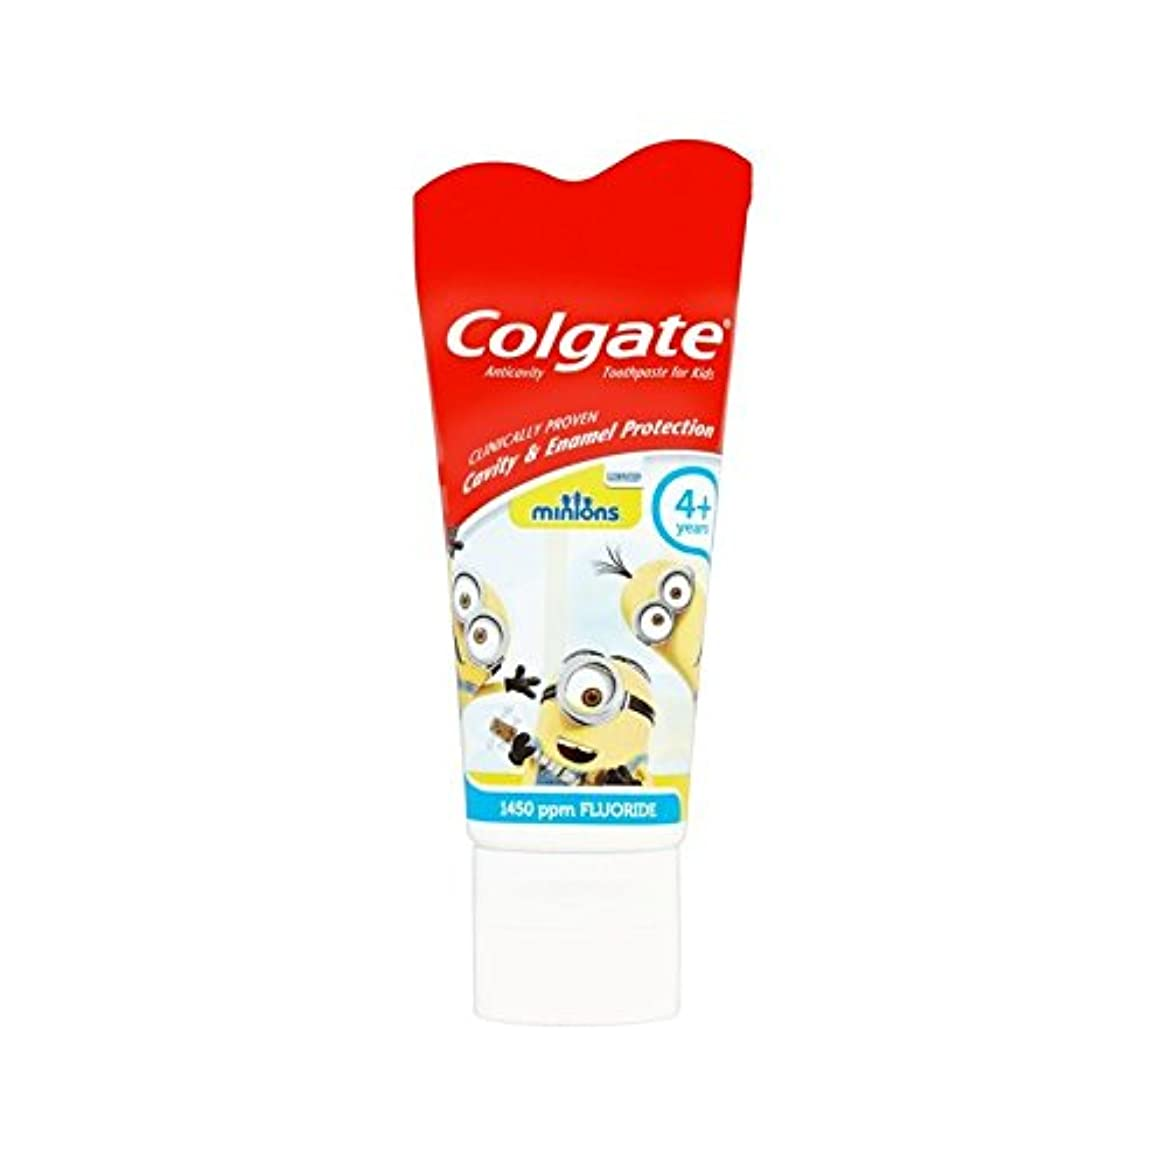 マイコン工業用法王手下の子供4+歯磨き粉50ミリリットル (Colgate) (x 4) - Colgate Minions Kids 4+ Toothpaste 50ml (Pack of 4) [並行輸入品]